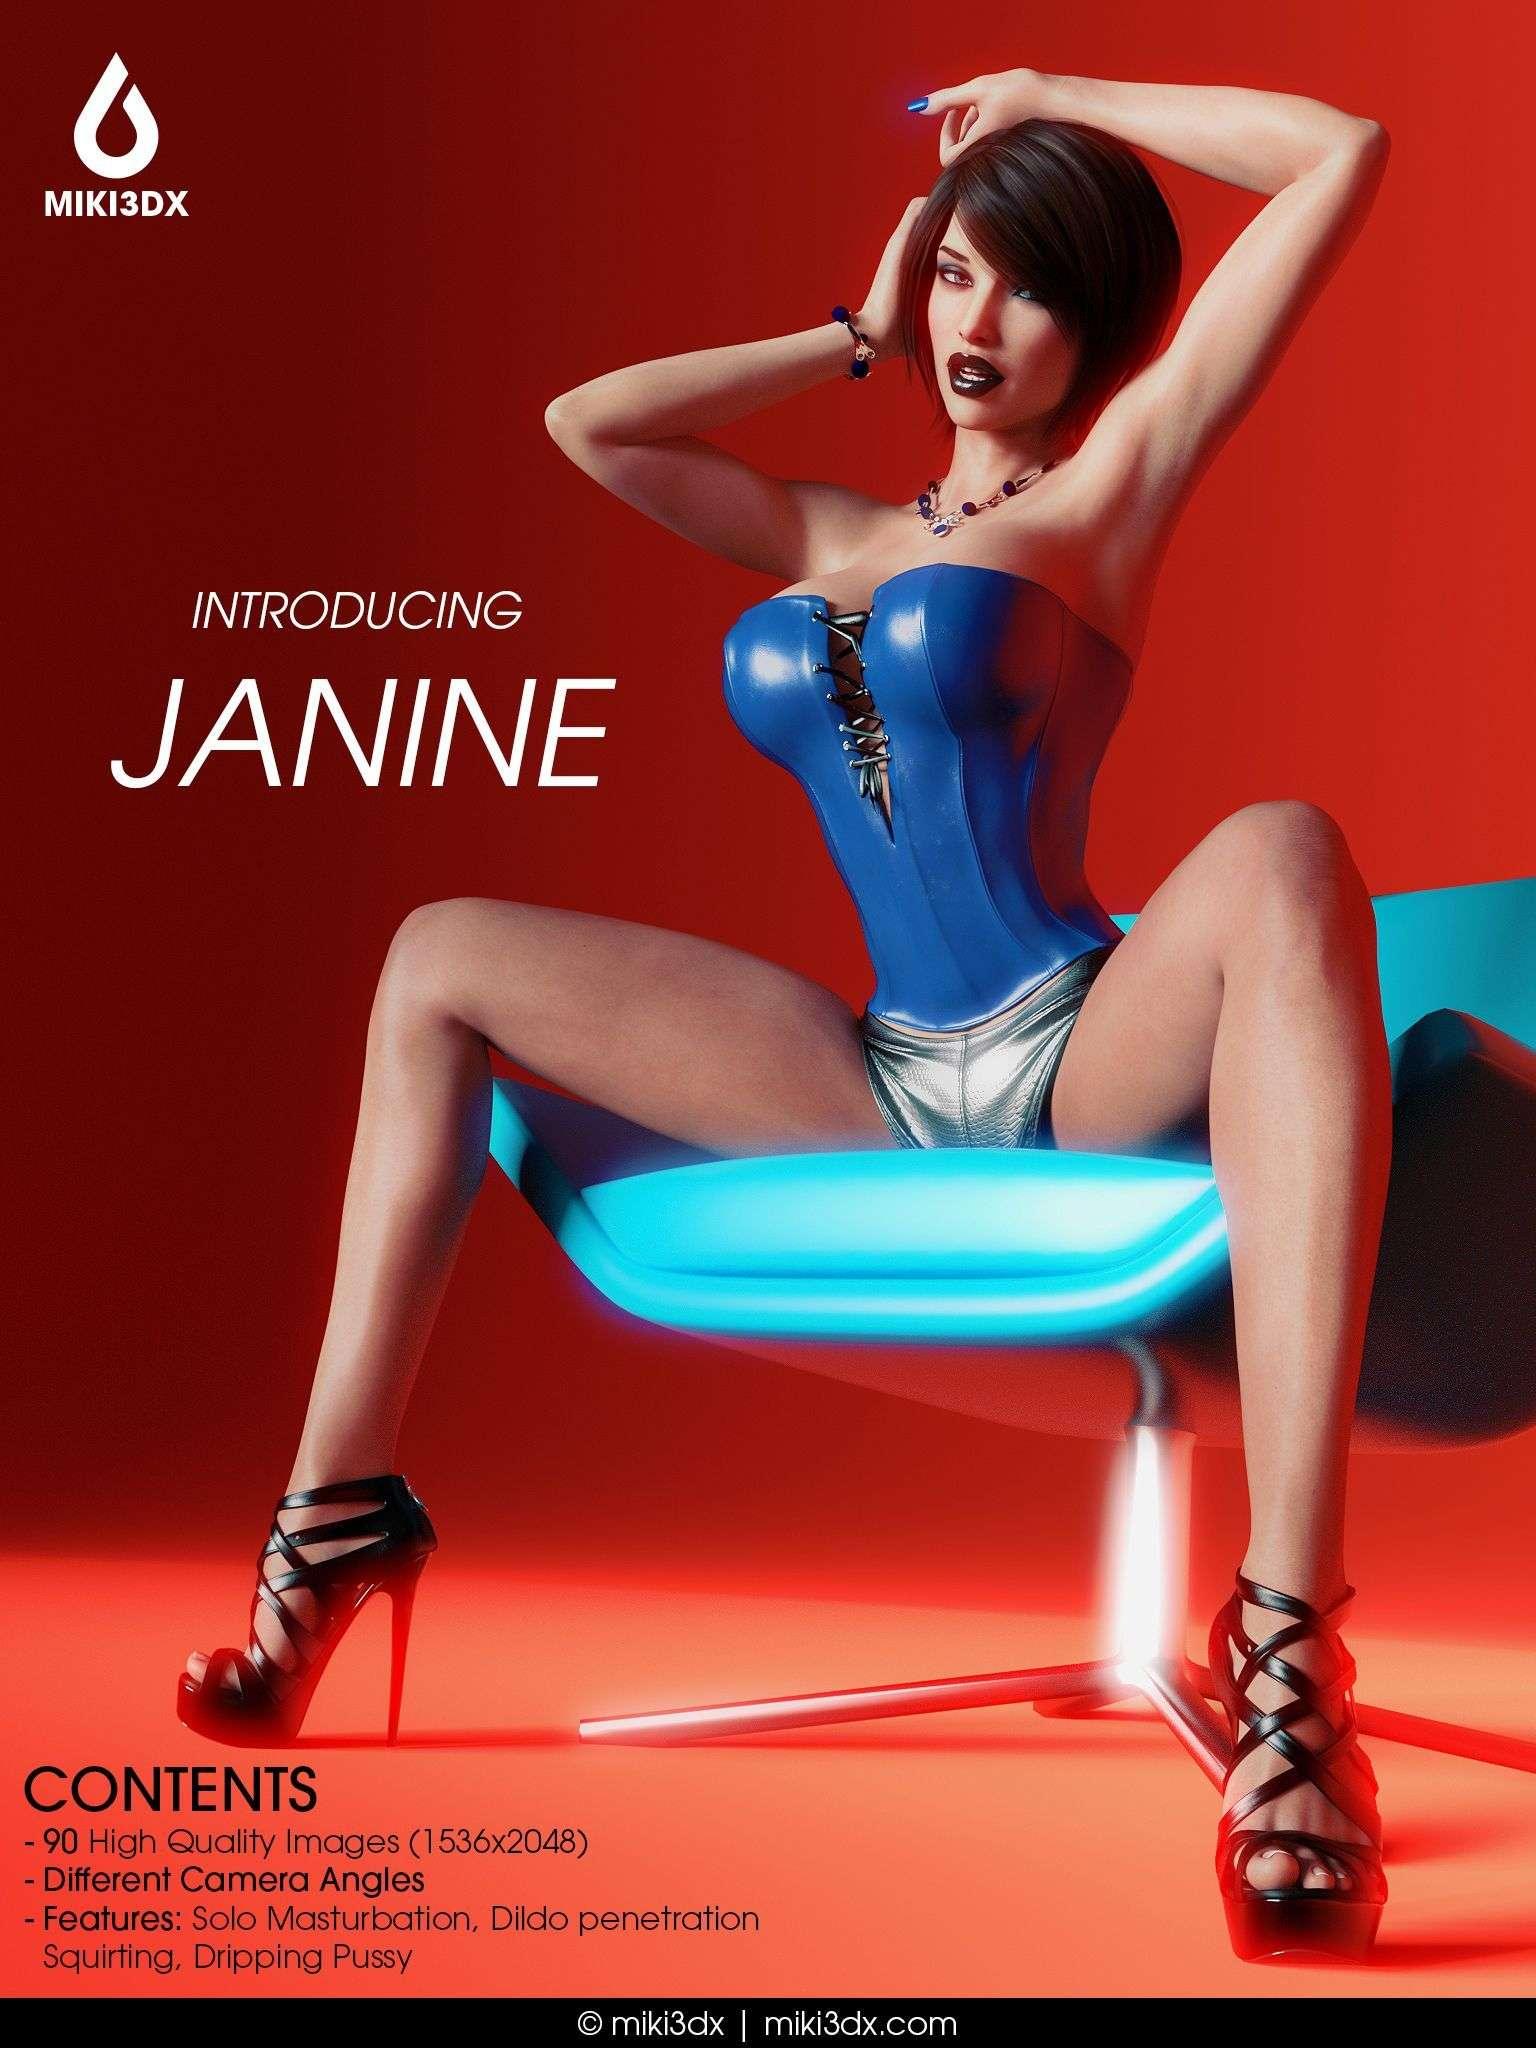 IntroducingJanine_001